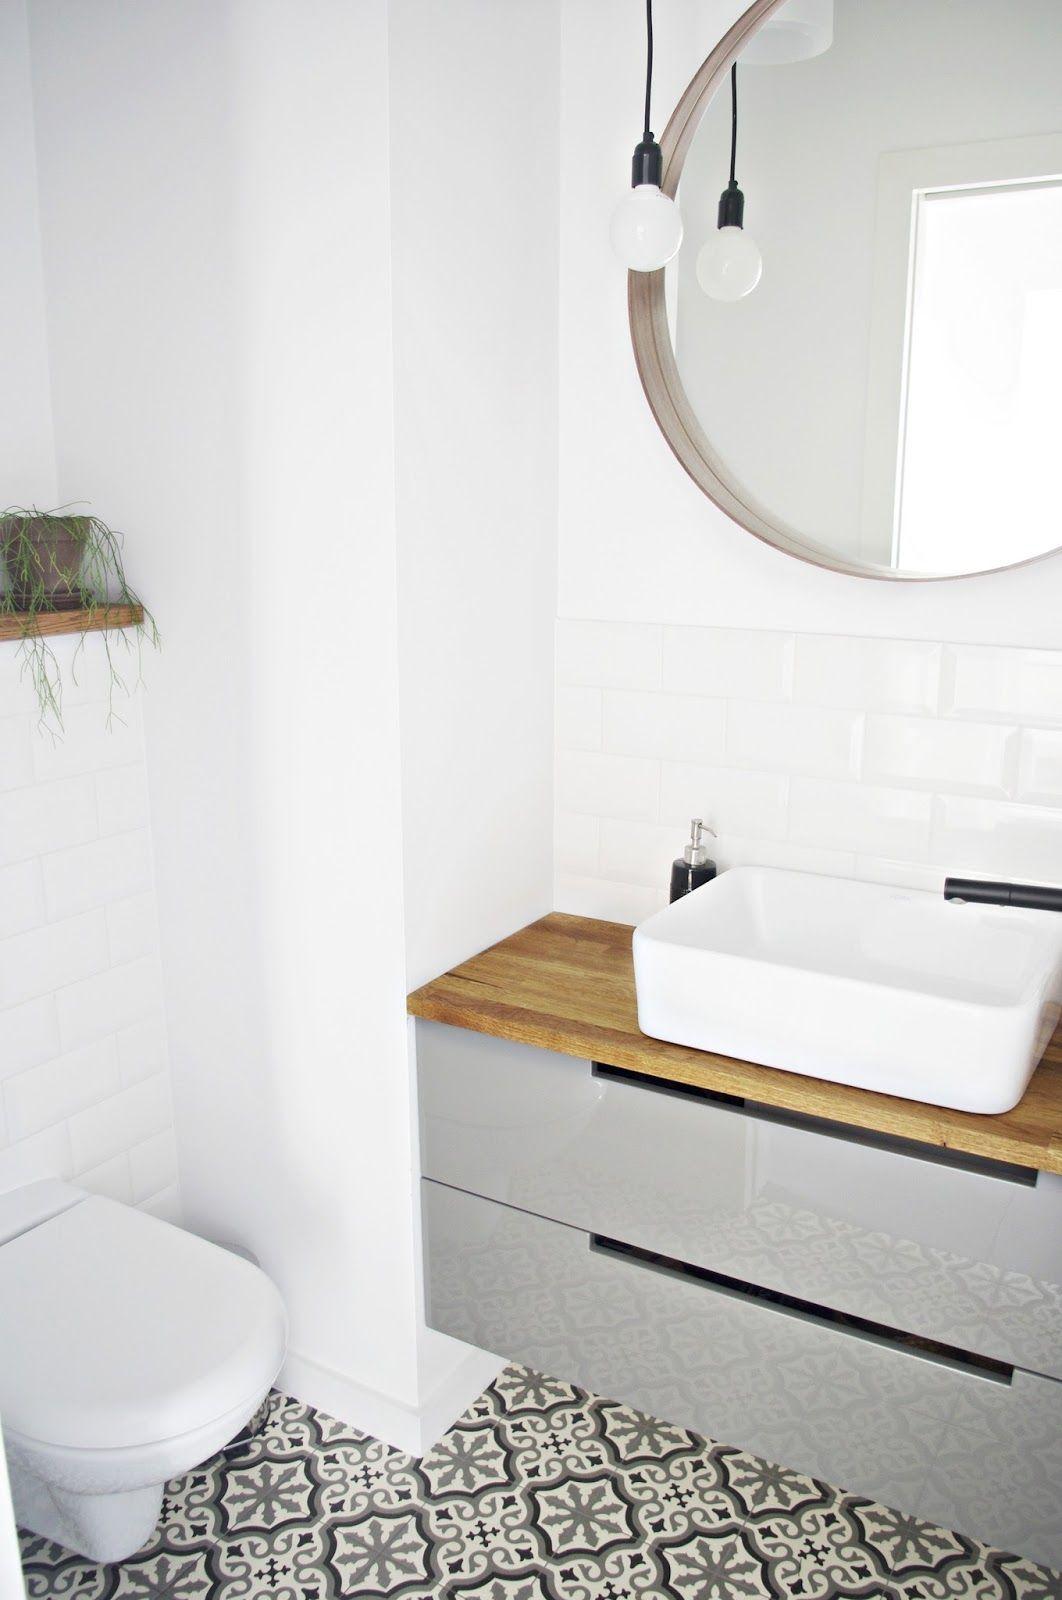 Gästeklo | Ideen rund ums Haus | Pinterest | Badezimmer, Bäder und Gast